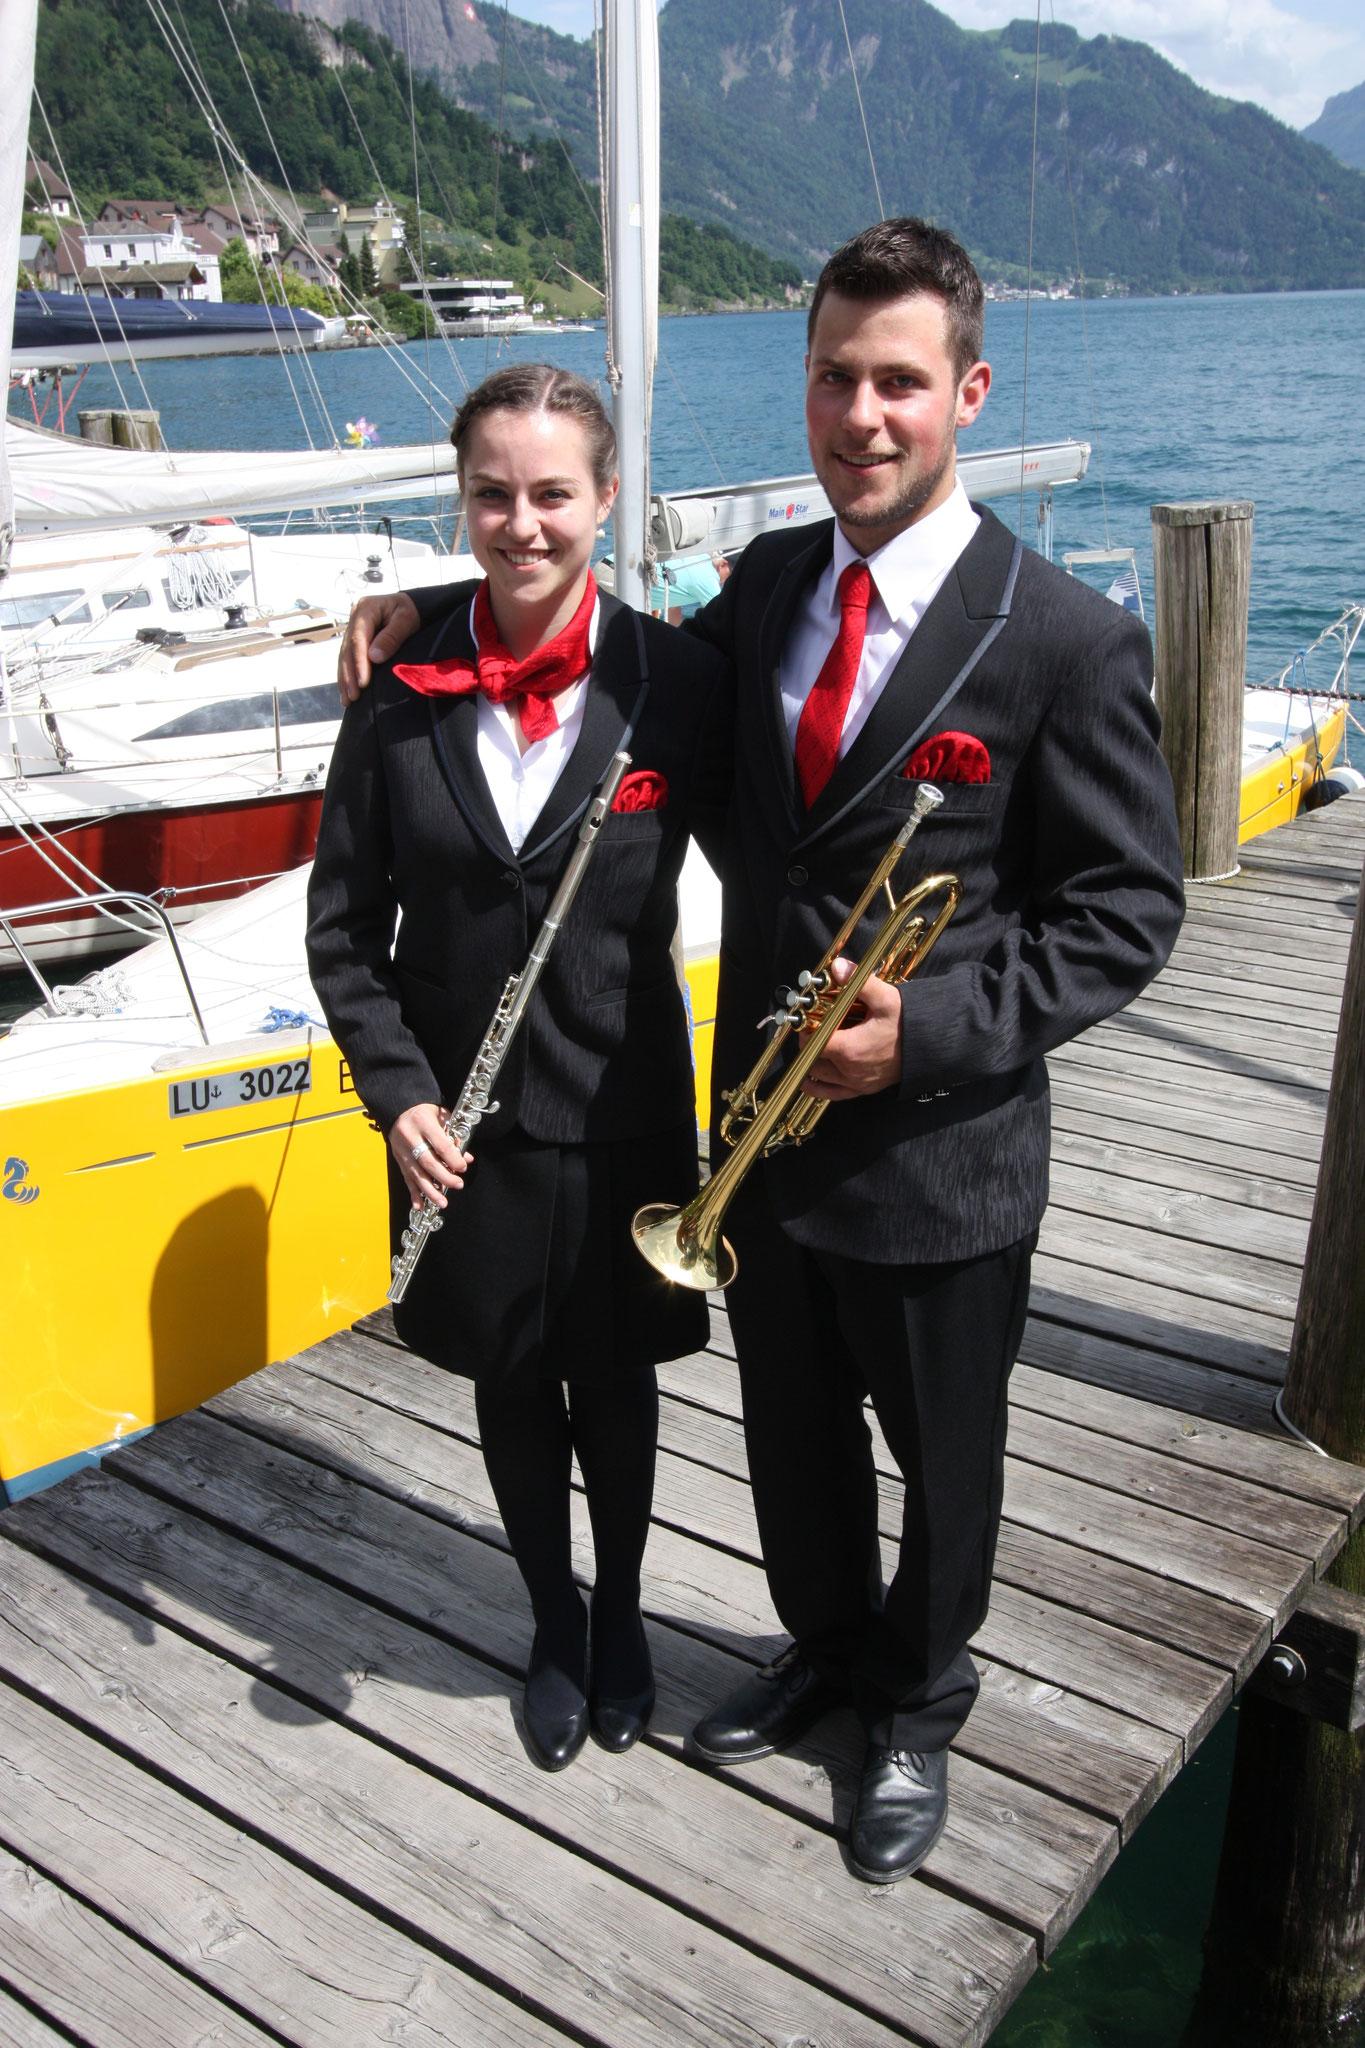 Die Feldmusik zeichnet sich durch eine familiäre Atmosphäre aus. So sind auch Silvia und Simon Dubacher als Geschwister mit dabei.